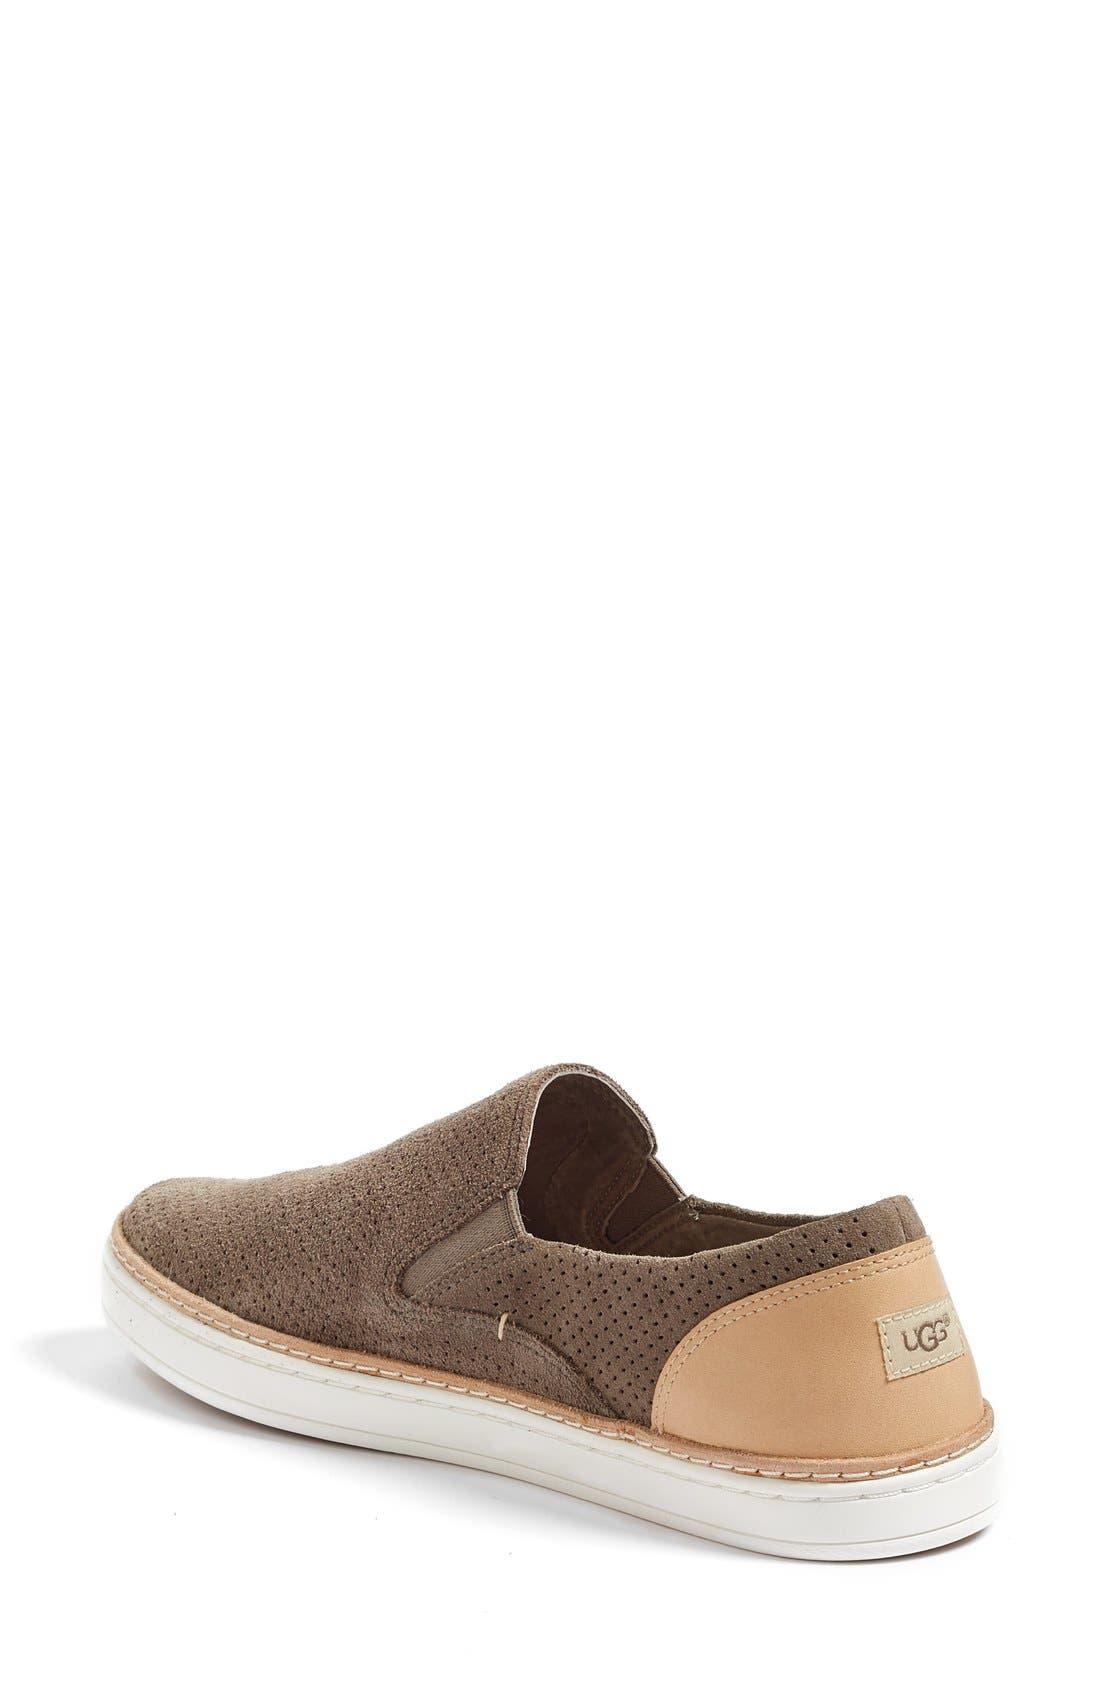 Adley Slip-On Sneaker,                             Alternate thumbnail 47, color,